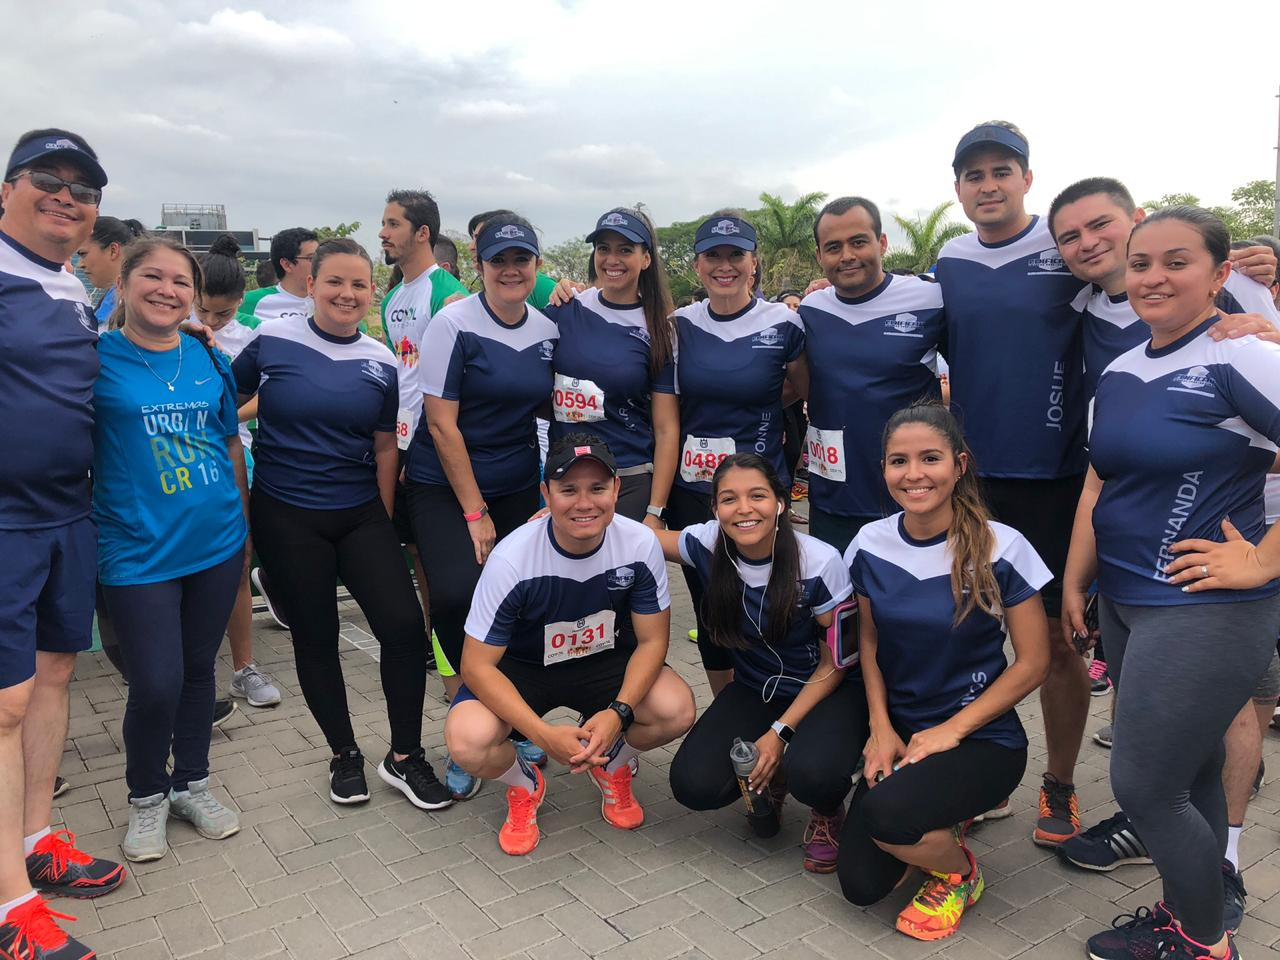 Grupo de participantes en carrera de atletismo con camisetas texdesign alusivas a su empresa